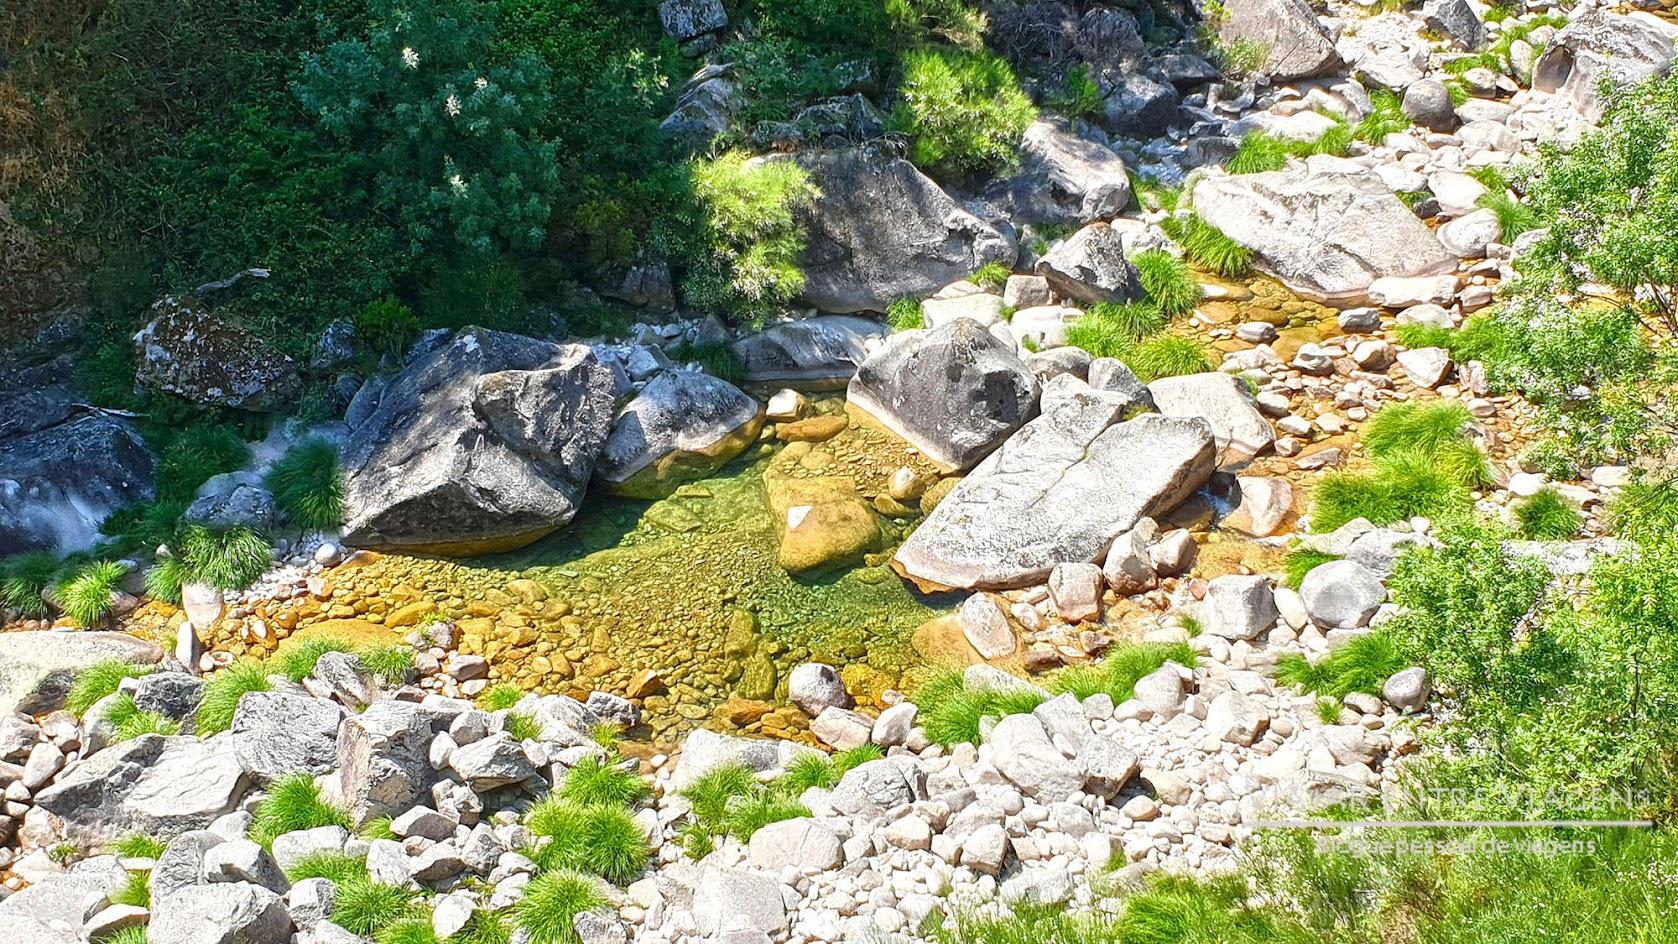 Visitar as 7 LAGOAS DE XERTELO no Gerês de forma fácil (1 hora de caminho) ou no Trilho dos Poços Verdes do Sobroso (12 km)